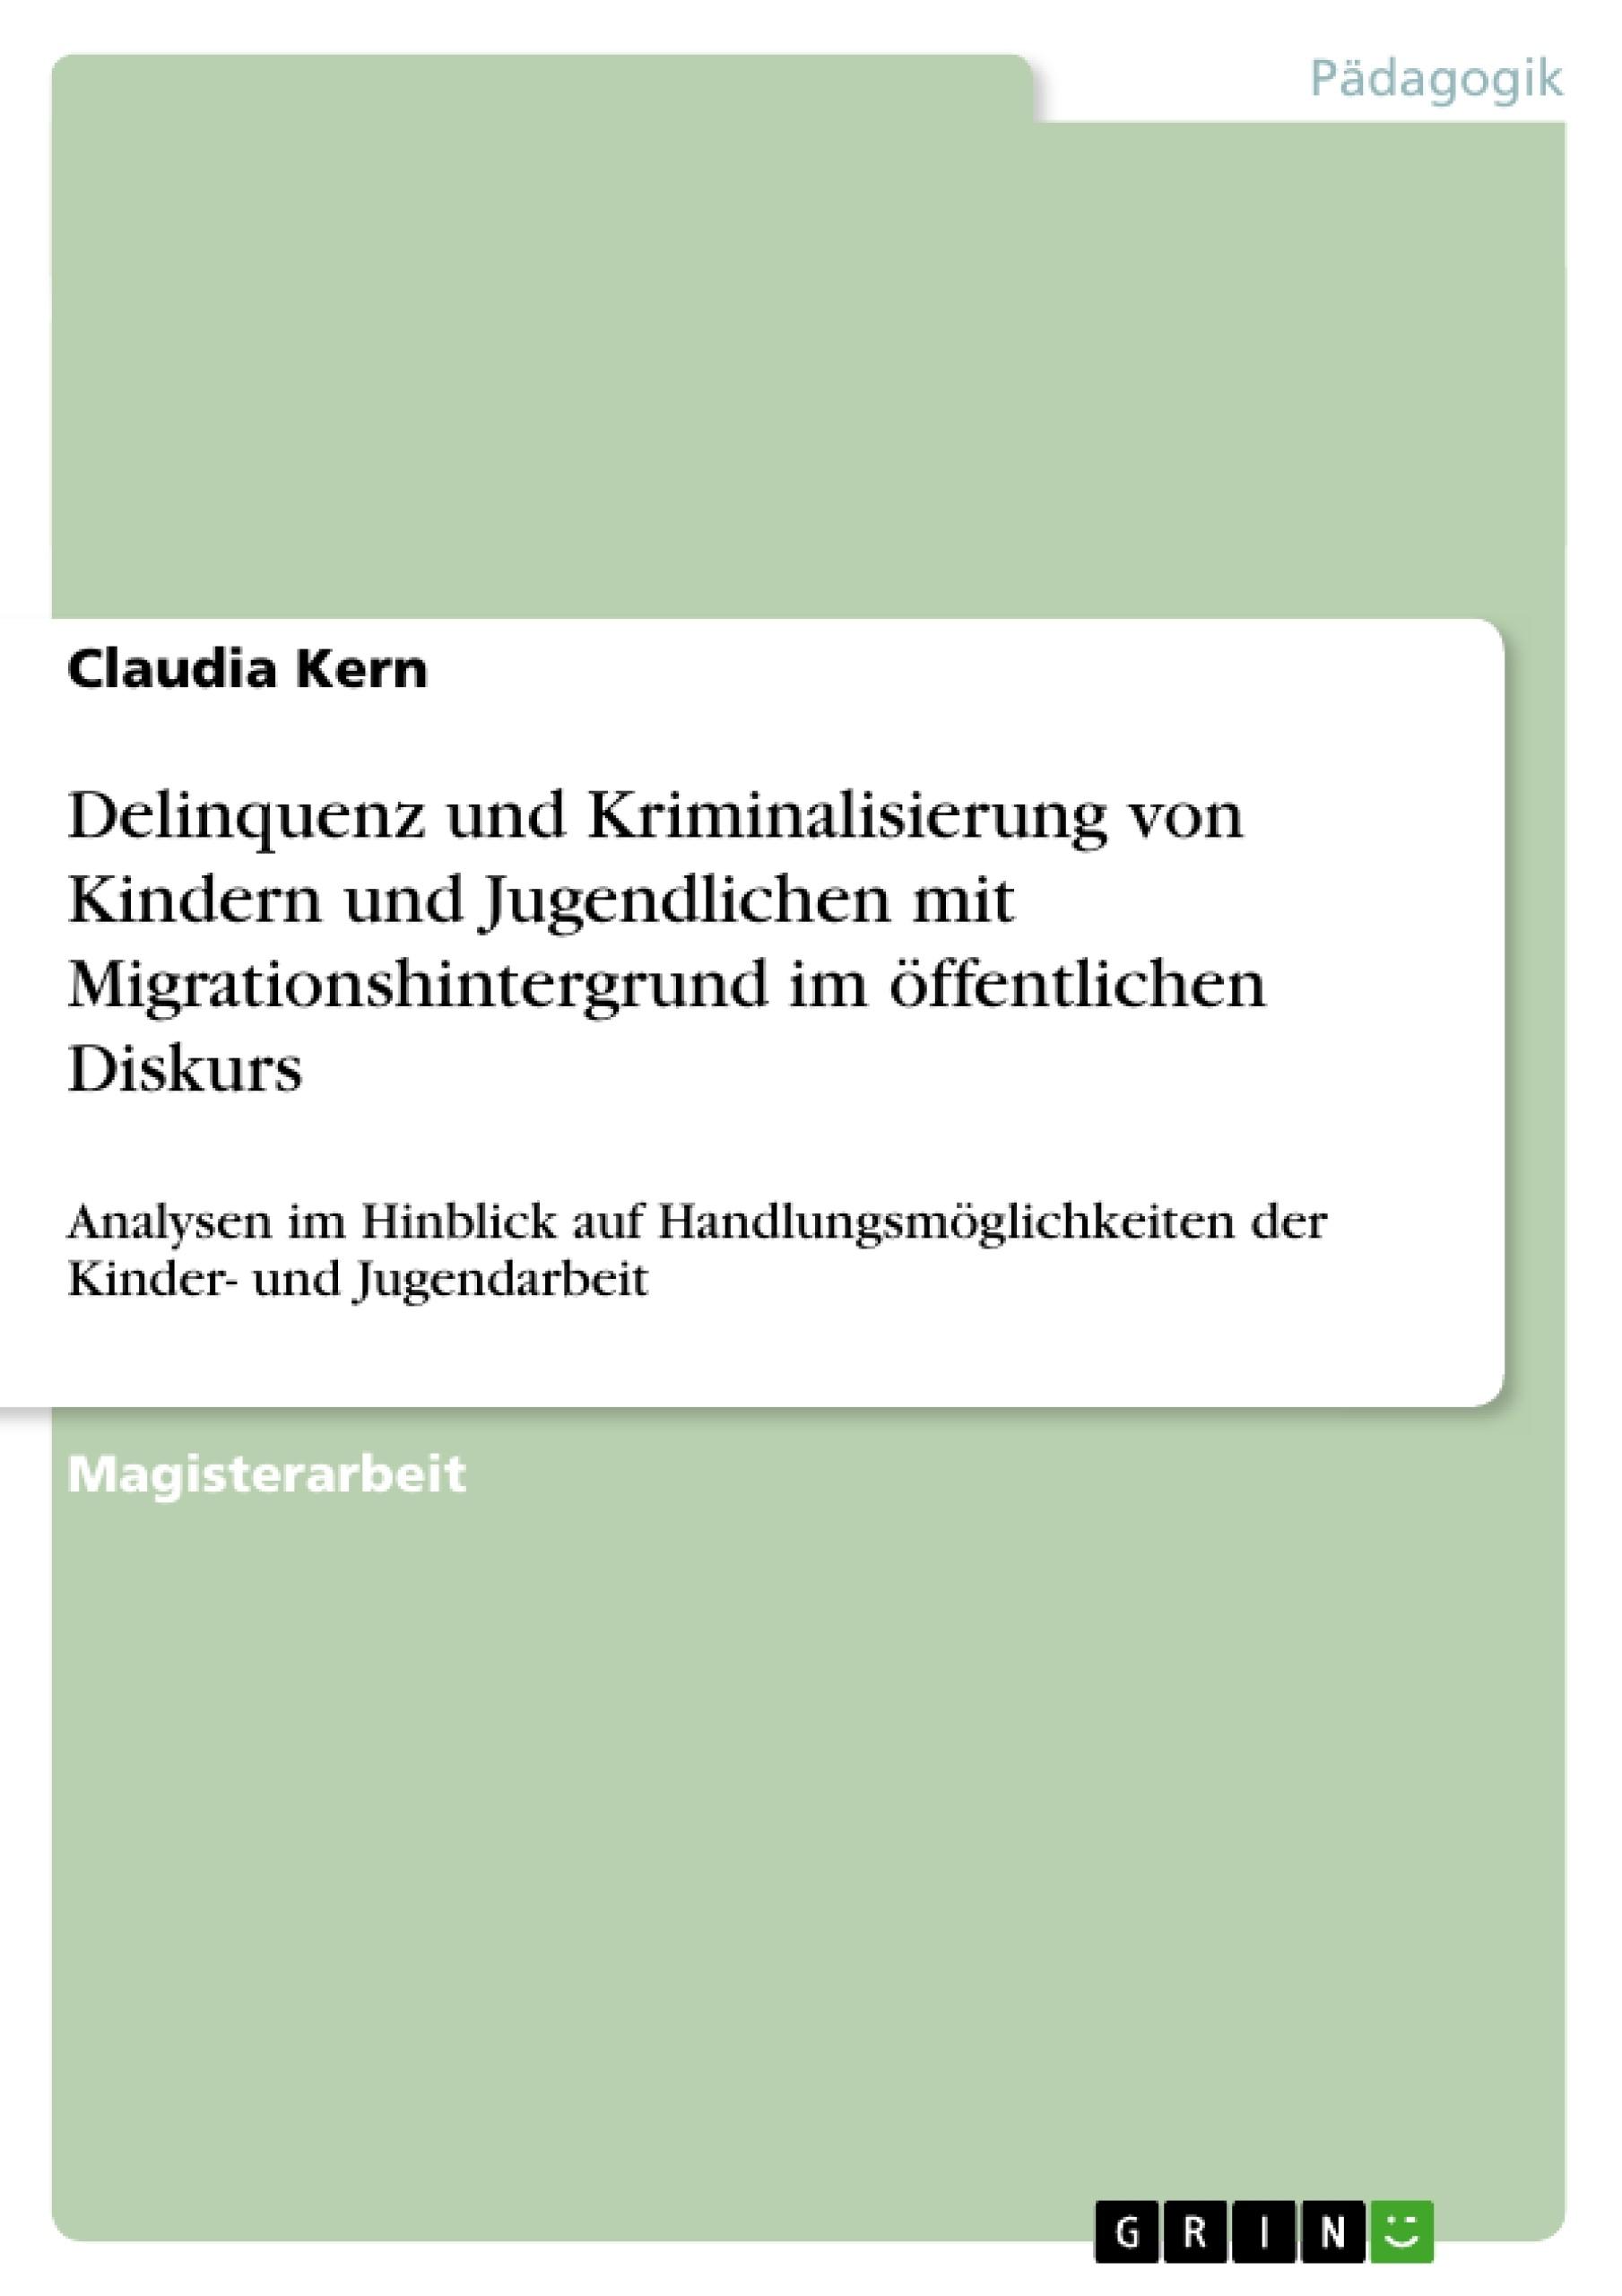 Titel: Delinquenz und Kriminalisierung von Kindern und Jugendlichen mit Migrationshintergrund im öffentlichen Diskurs